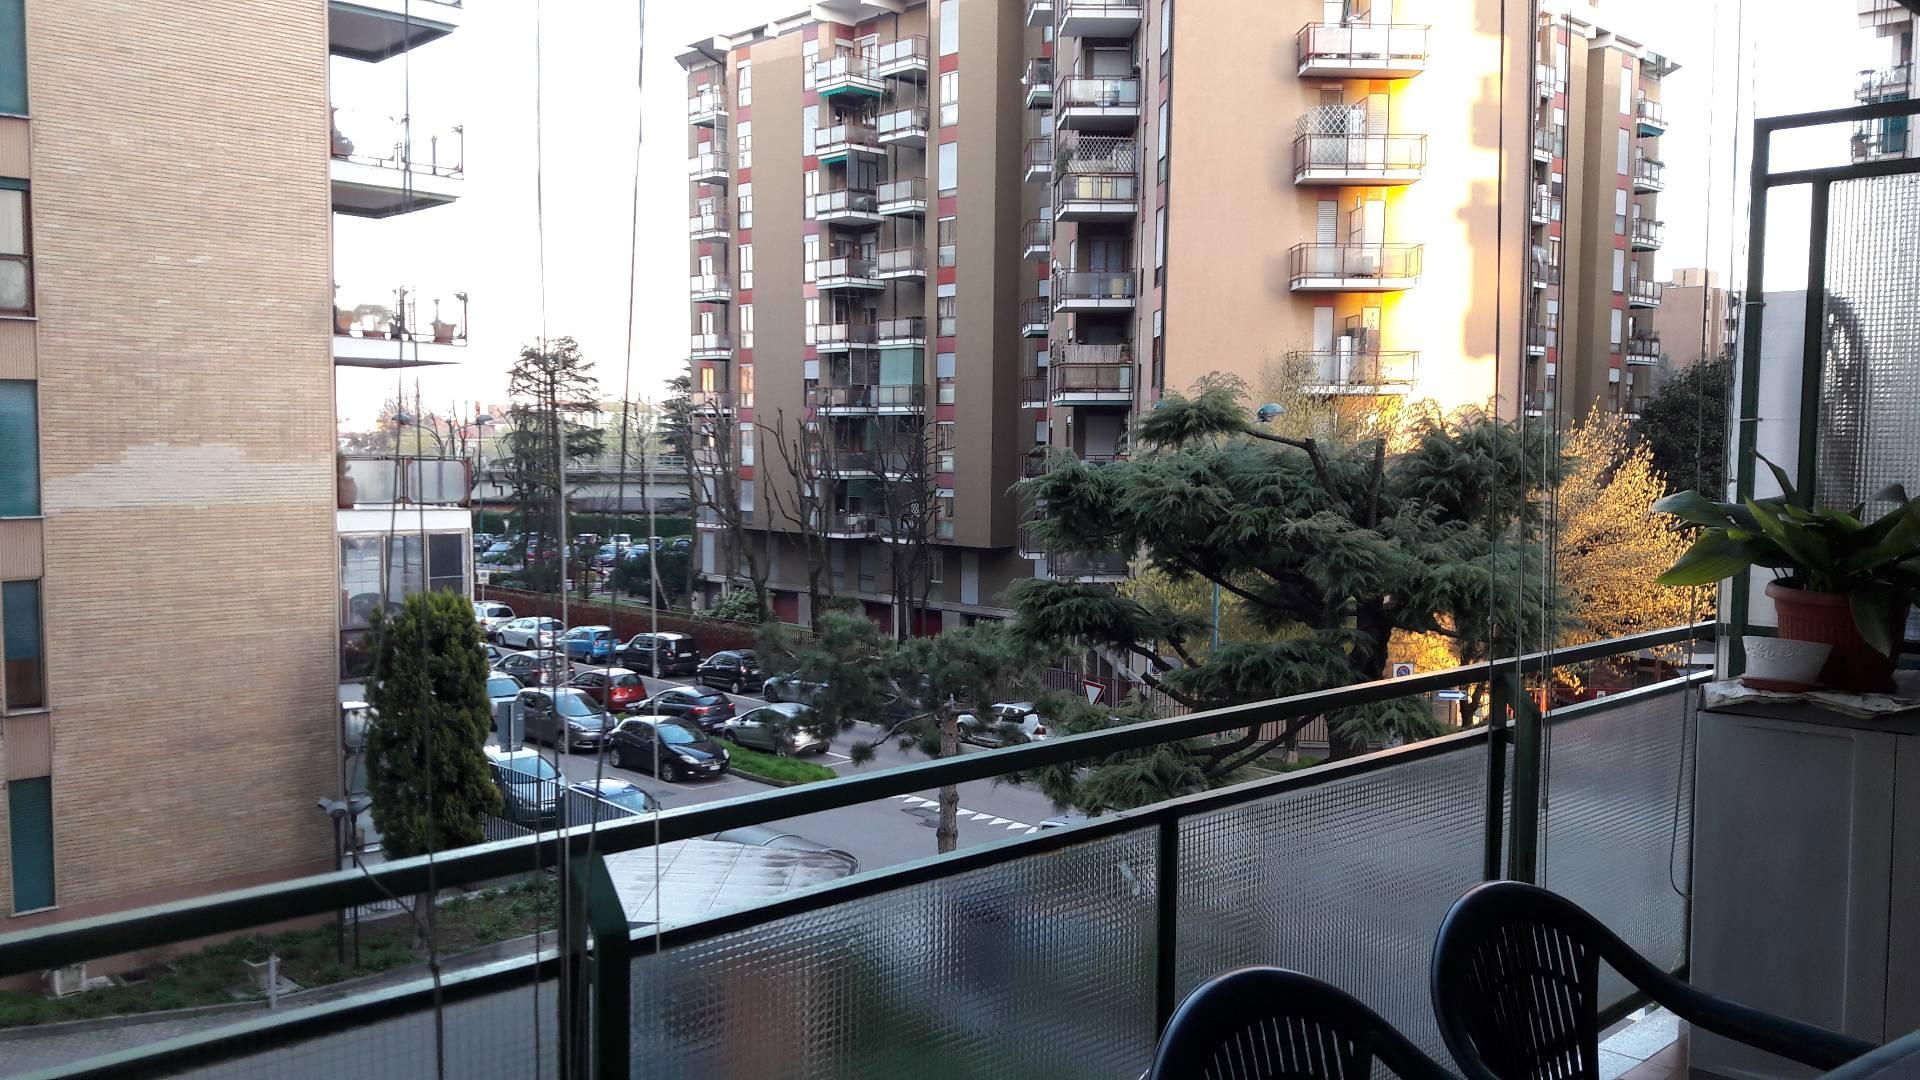 vendita appartamento cologno monzese   190000 euro  3 locali  90 mq